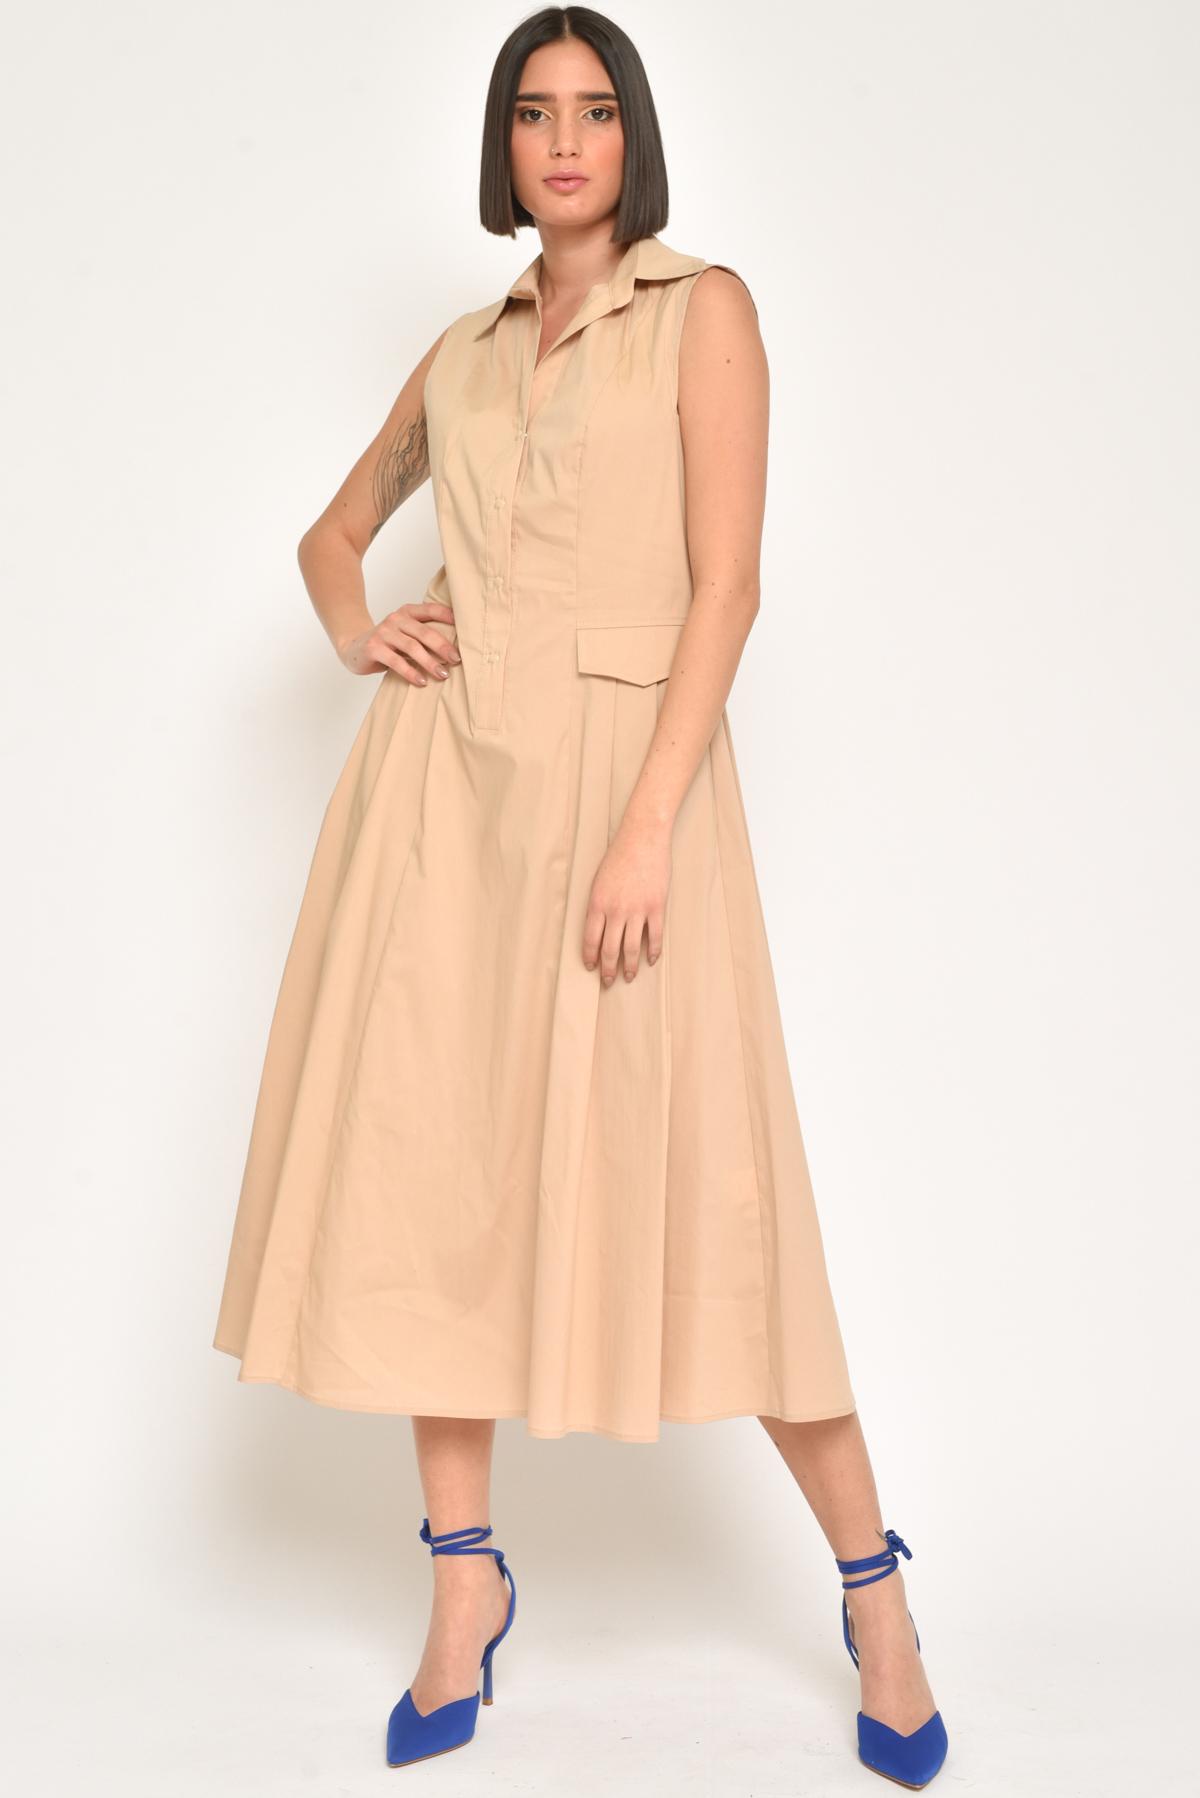 ABITO LUNGO A BALZE IN MISTO COTONE  for women - BEIGE - Paquito Pronto Moda Shop Online